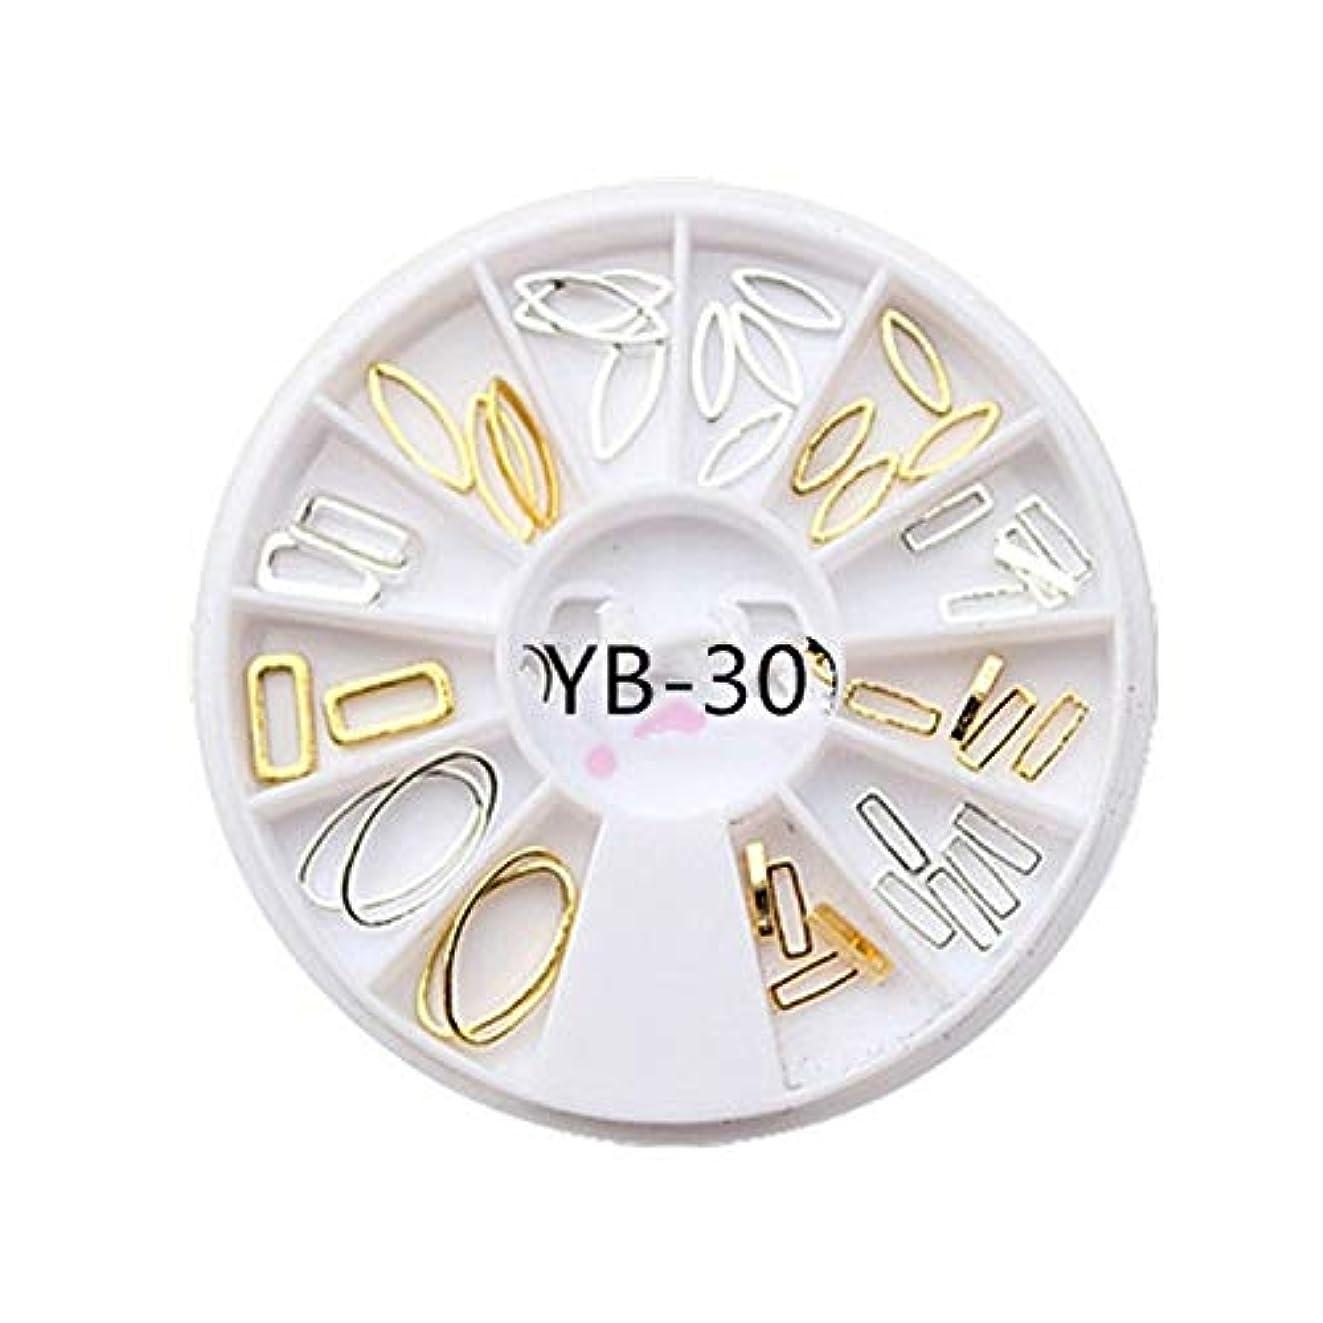 地雷原威信早くCELINEZL CELINEZL 3個DIYマニキュアディスクオーナメントアークメタルリング不規則フレーム中空馬の目のリベット光線療法ネイルデコレーション(YB-27) (色 : YB-30)